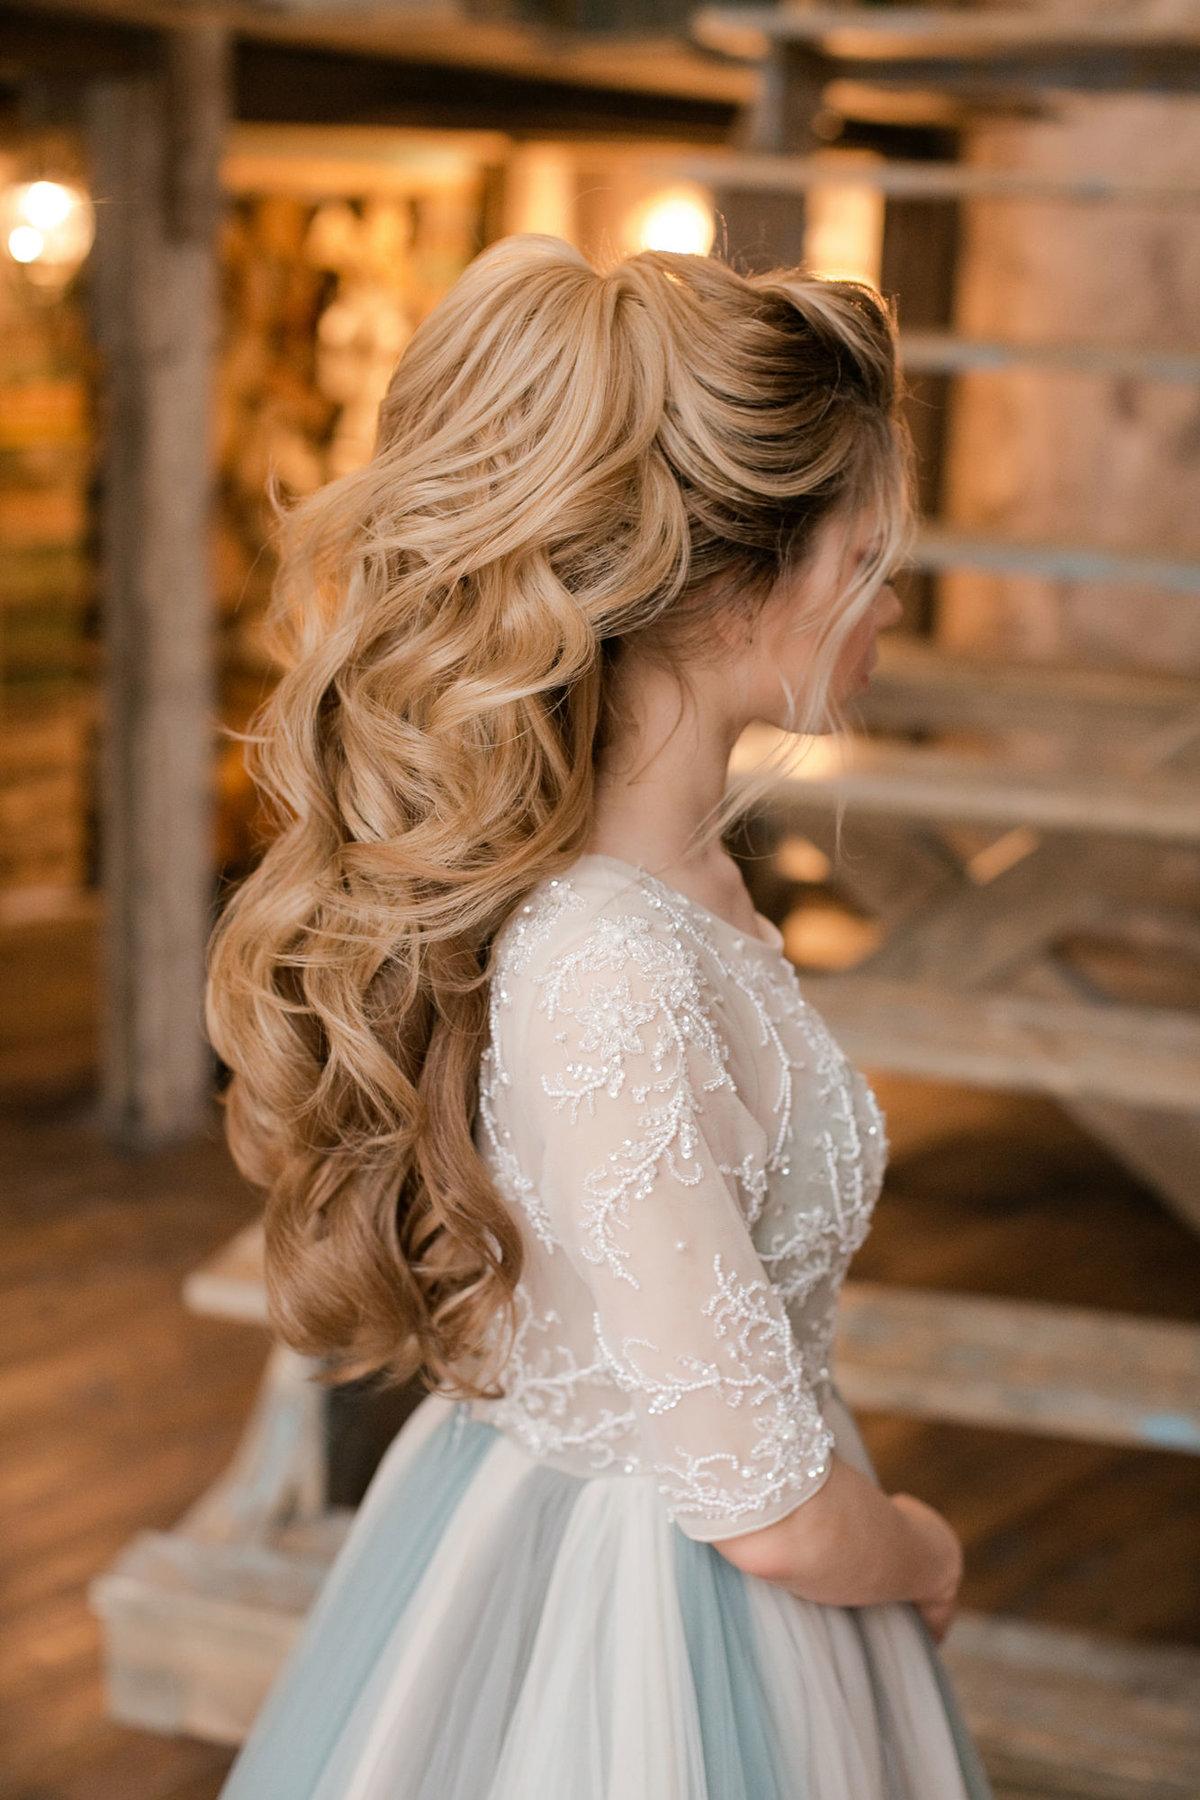 Фото причесок свадебных с накладными волосами